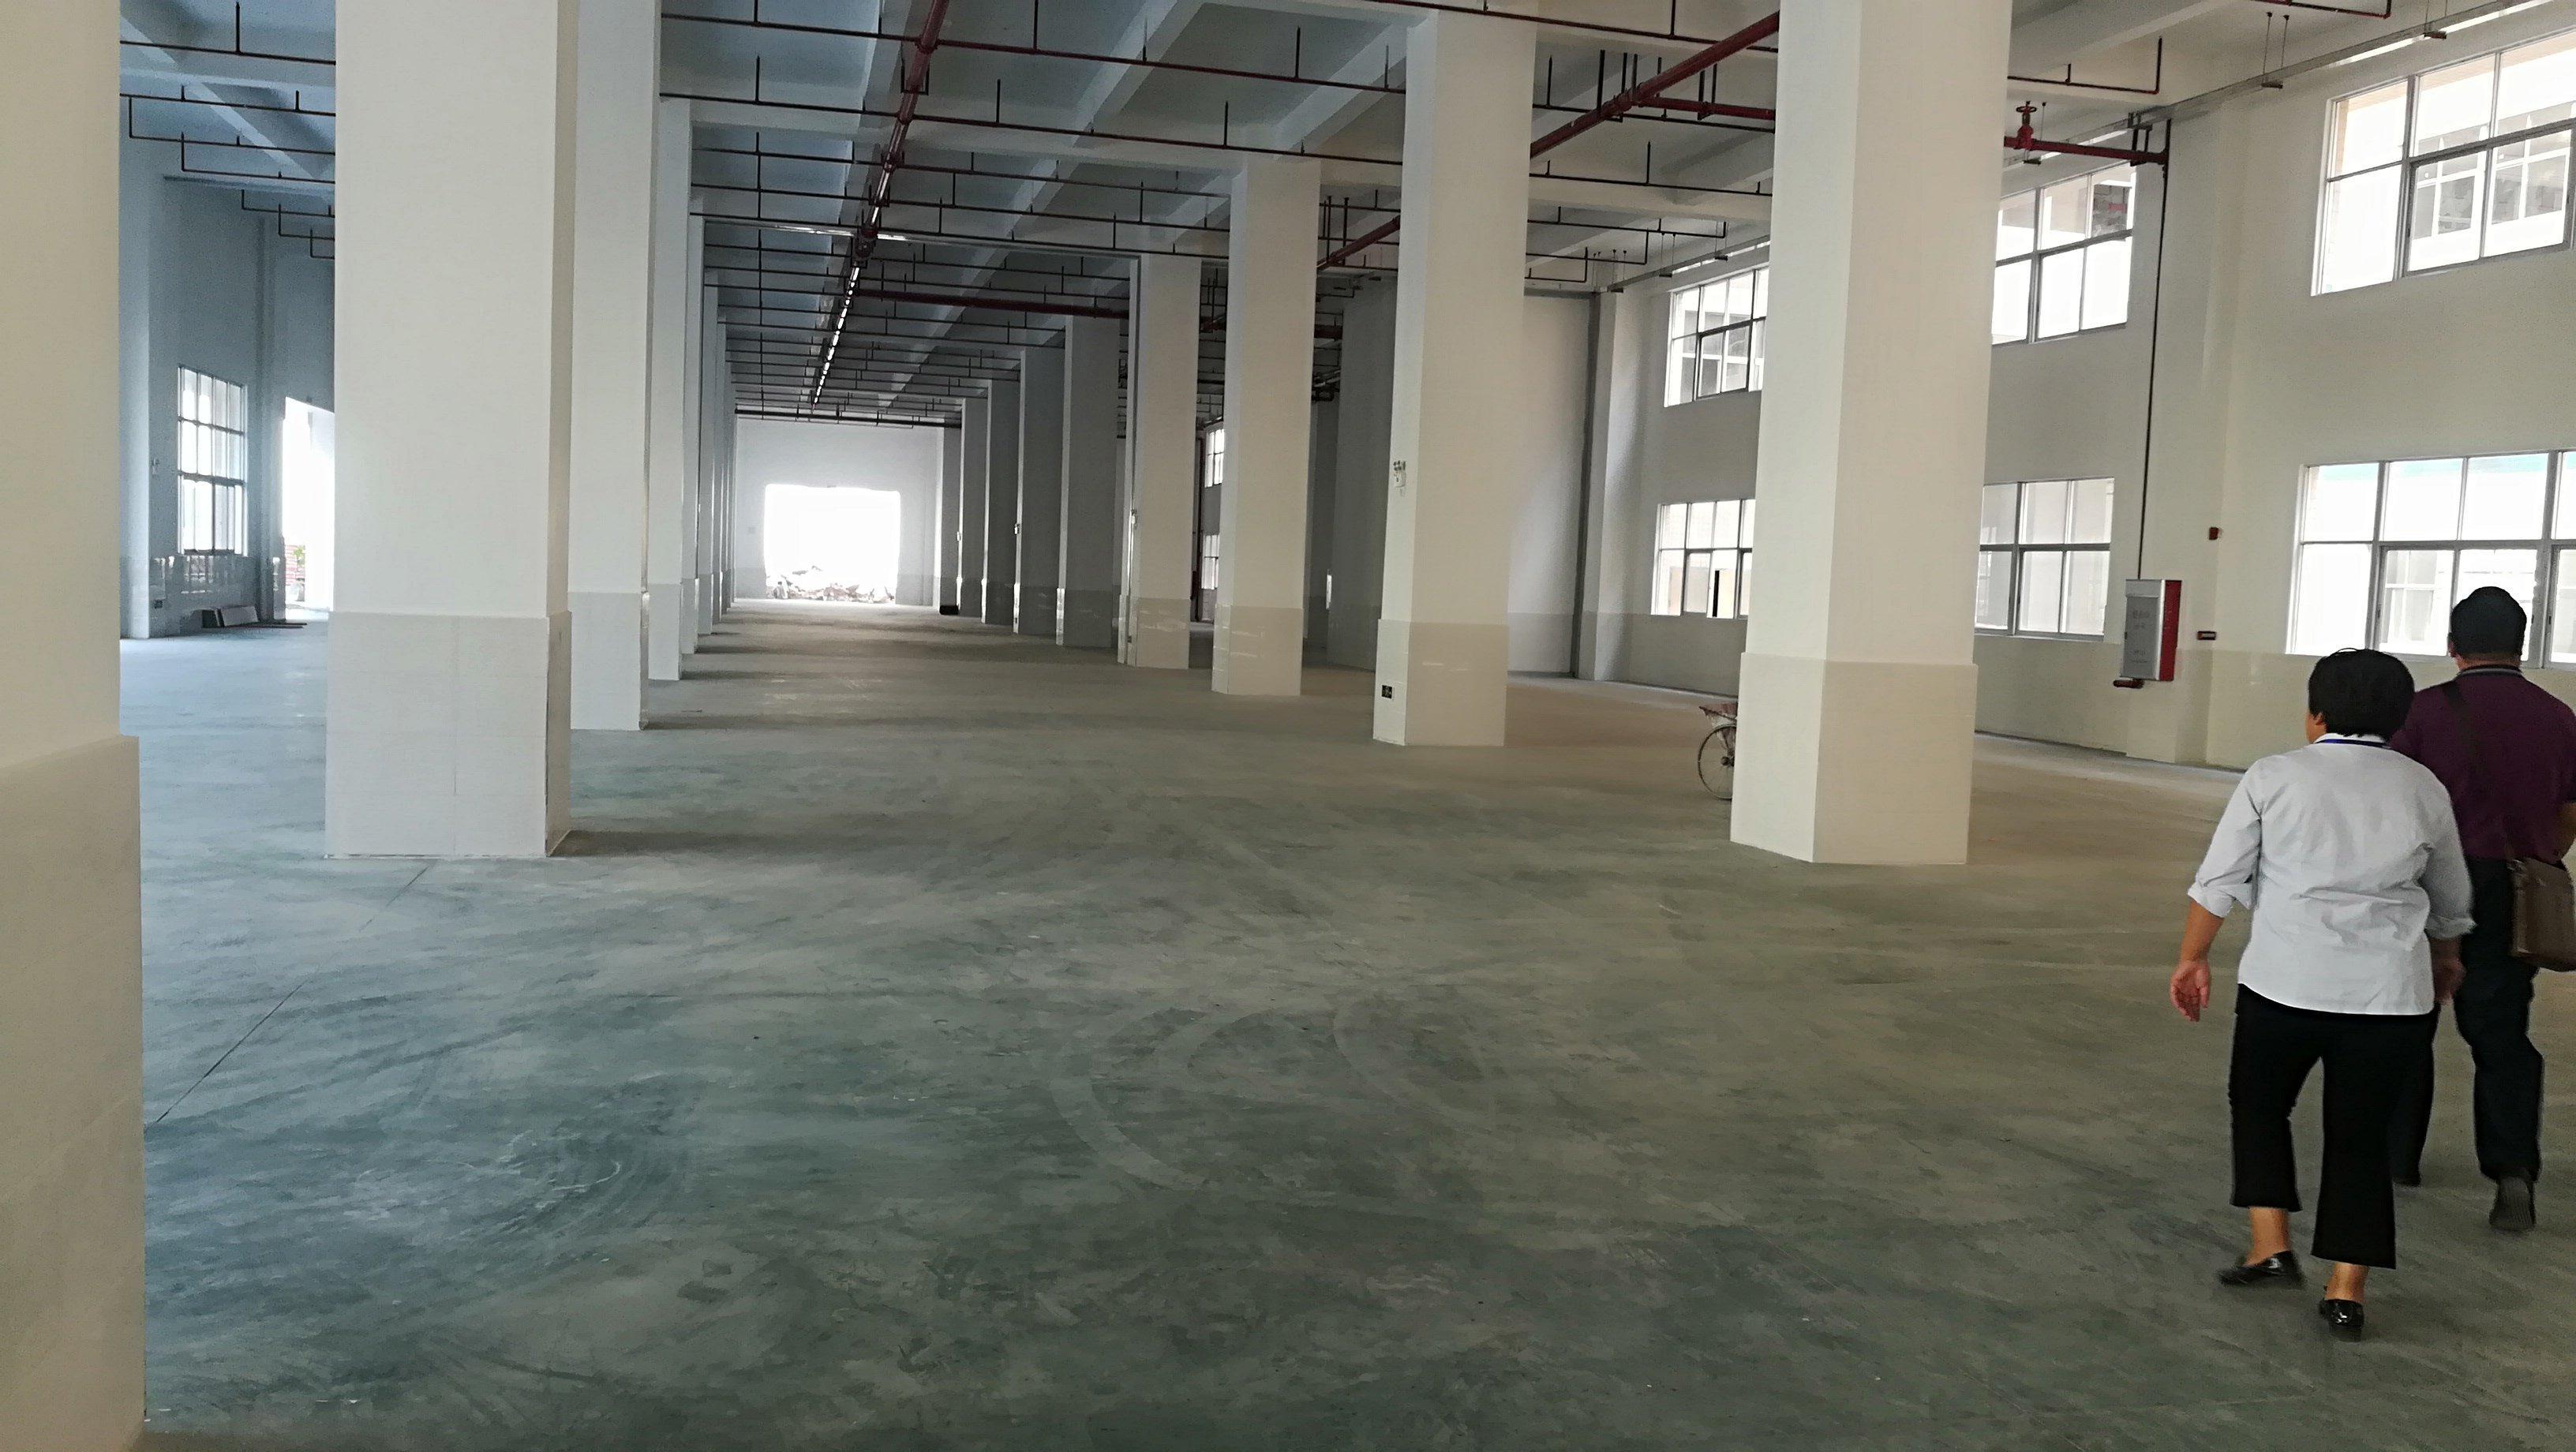 广东省肇庆高新区全新工业区带红本厂房出售-图6